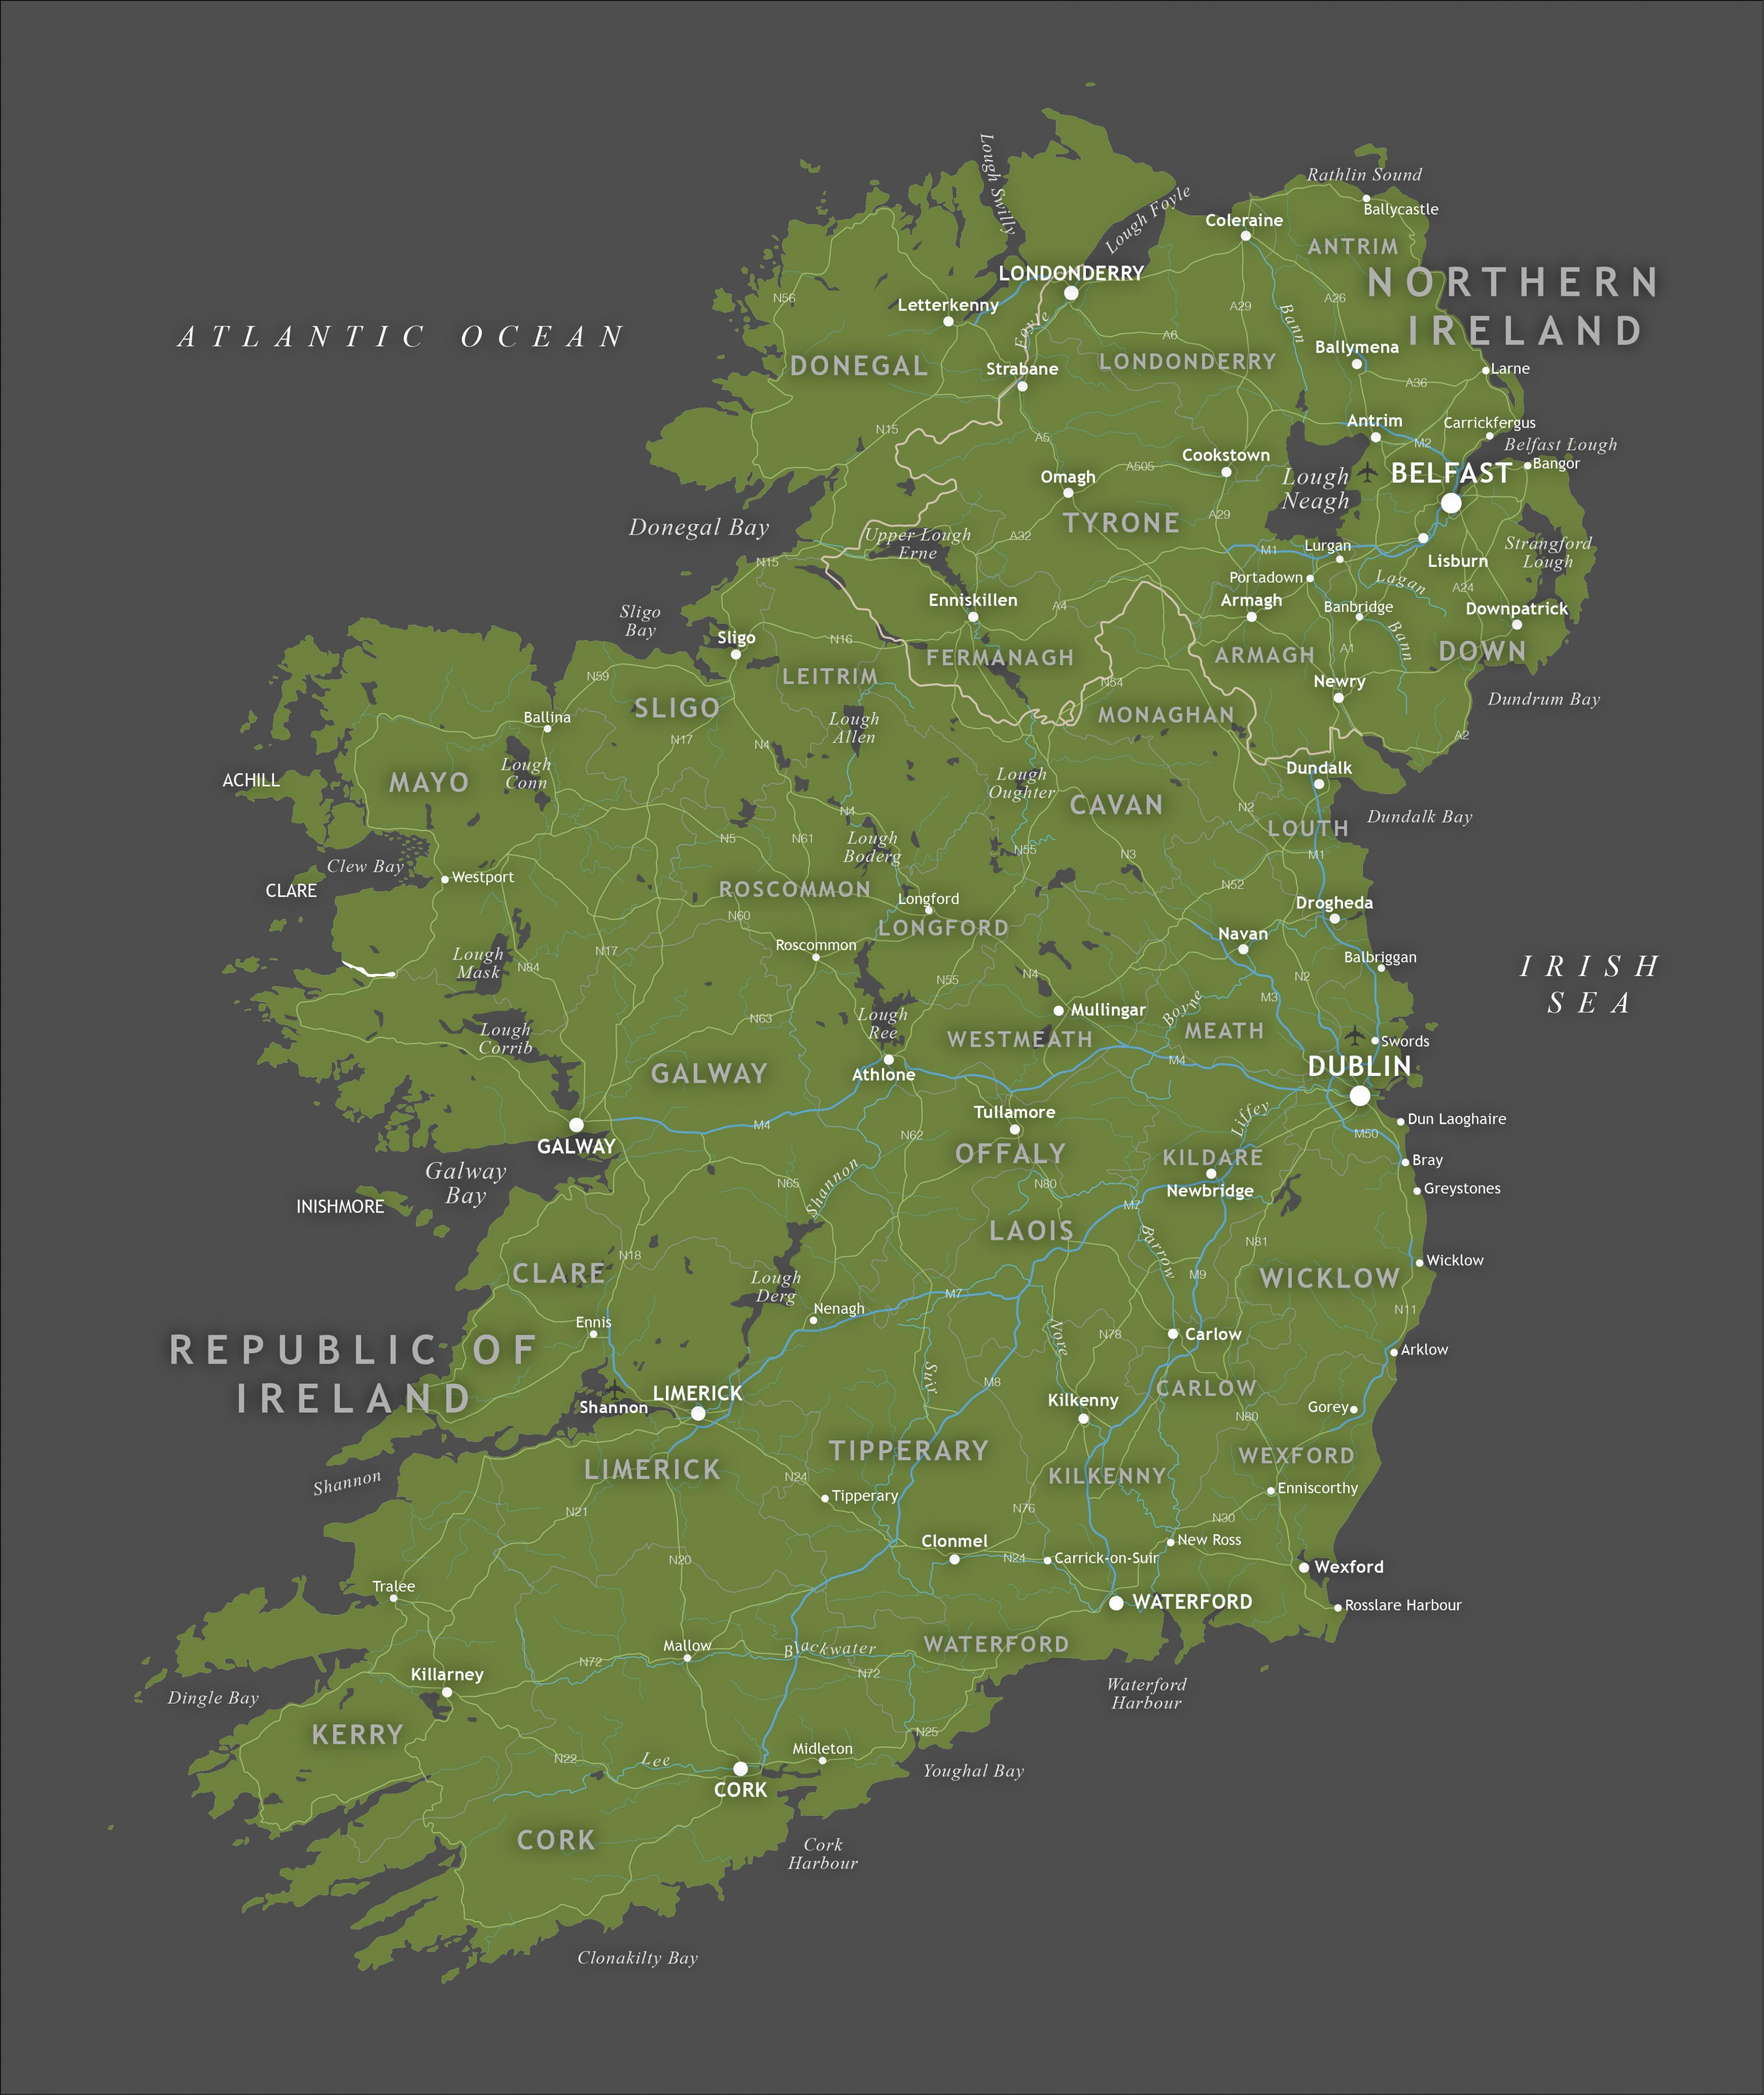 A4 Map Of Ireland.Nemokama Zemėlapis Airija Rep Of Ireland Map Siaurės Europoje